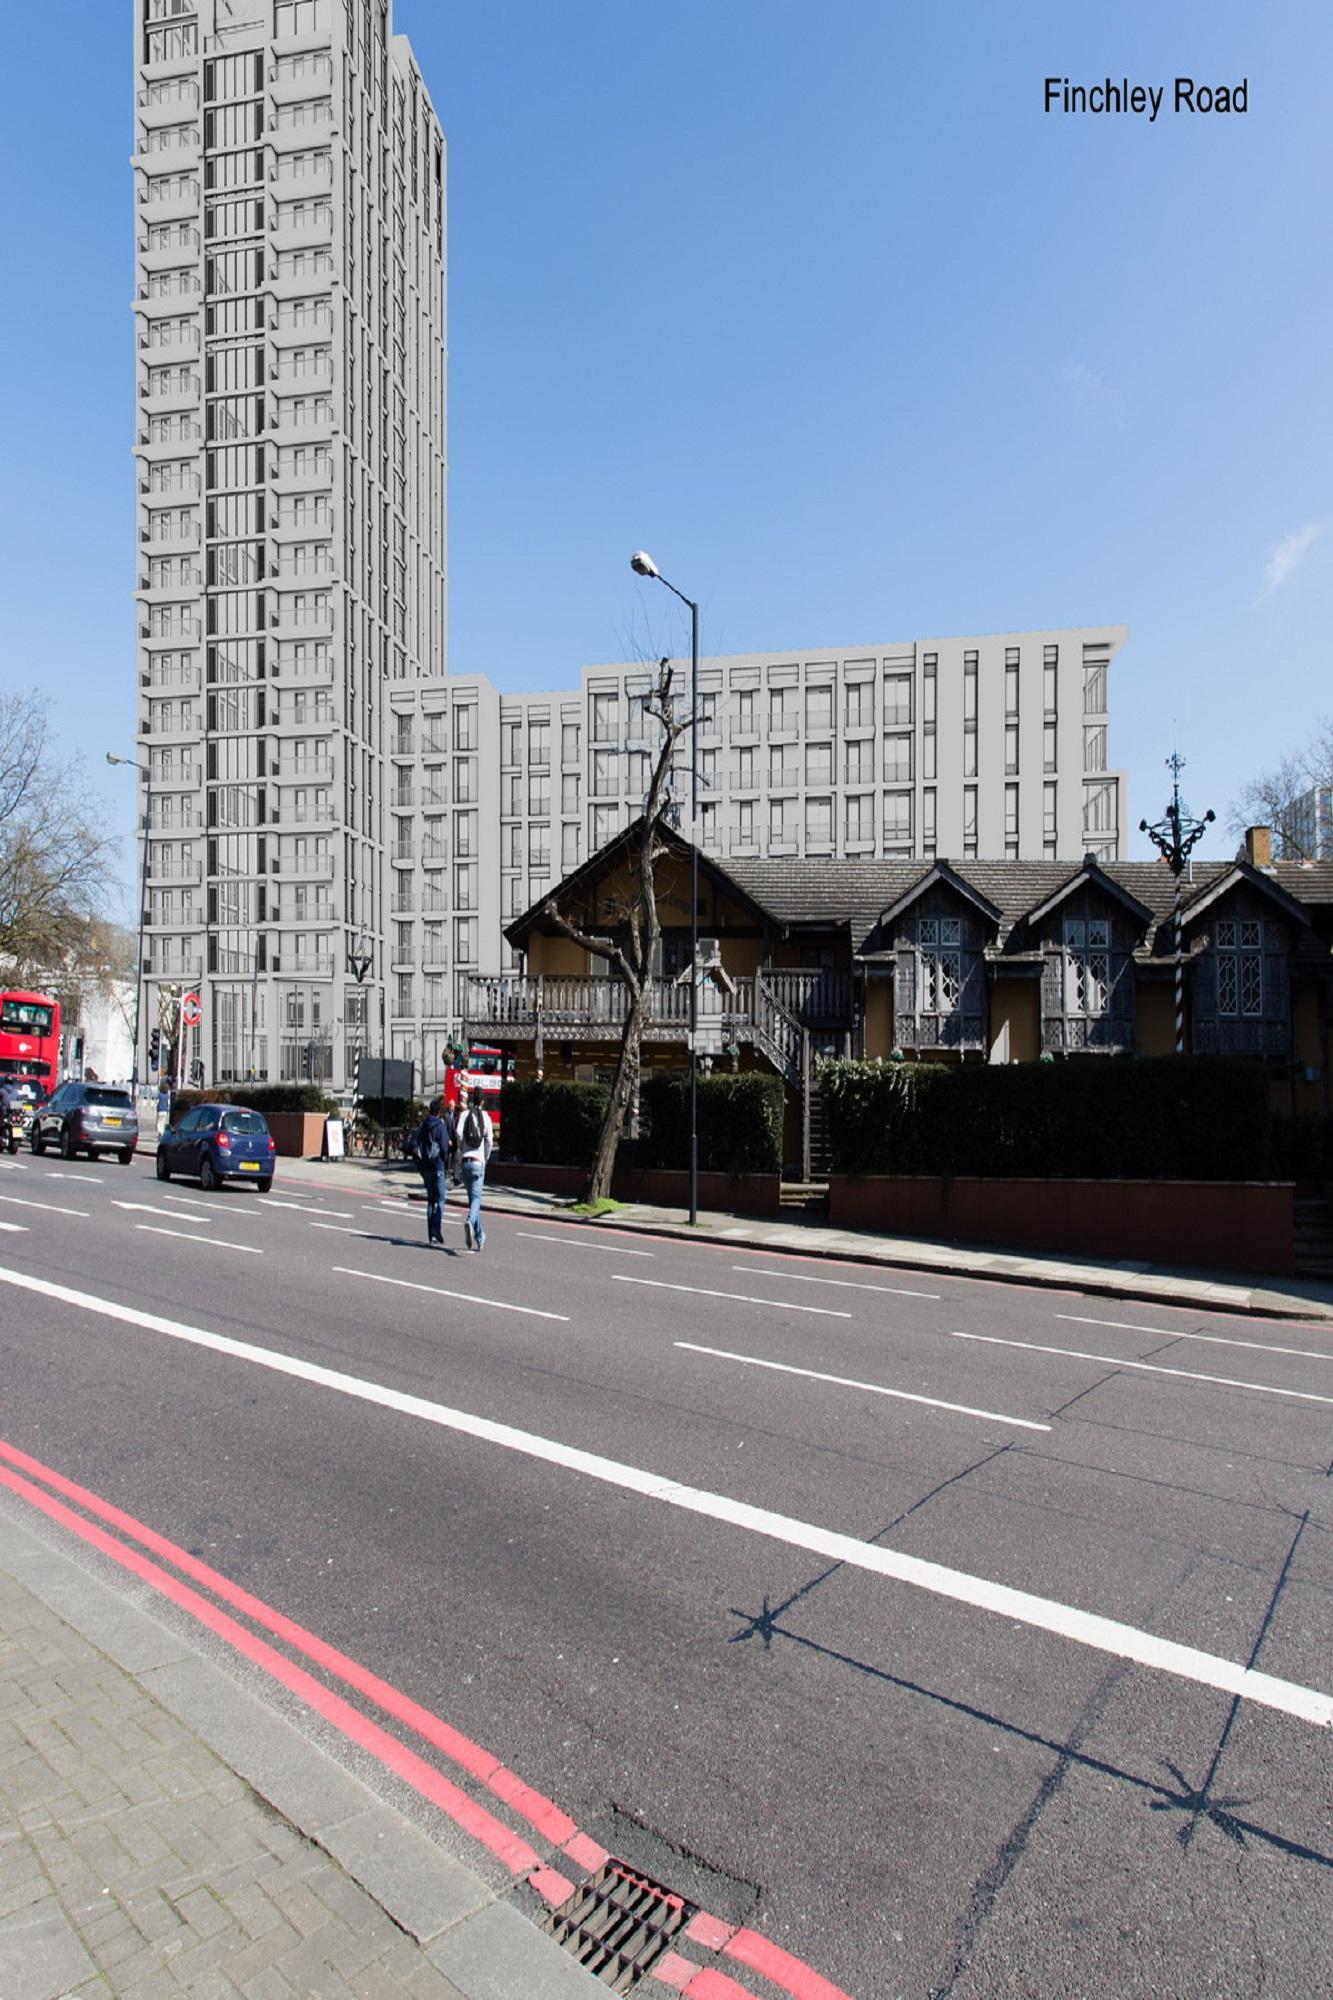 1 - Finchley Road grey model.jpg